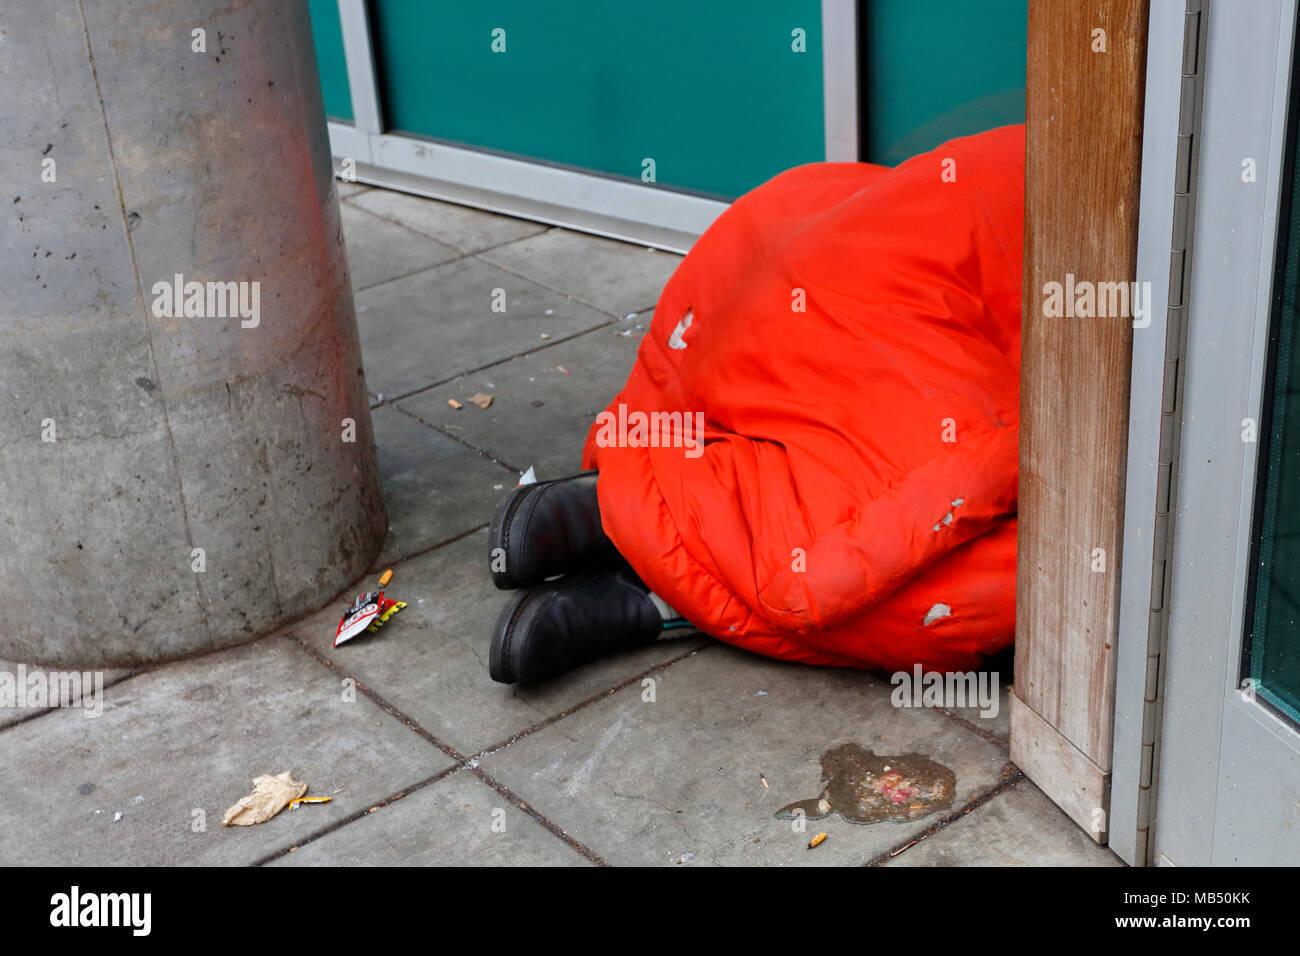 Una persona senza dimora in un sacco a pelo nel centro cittadino Immagini Stock